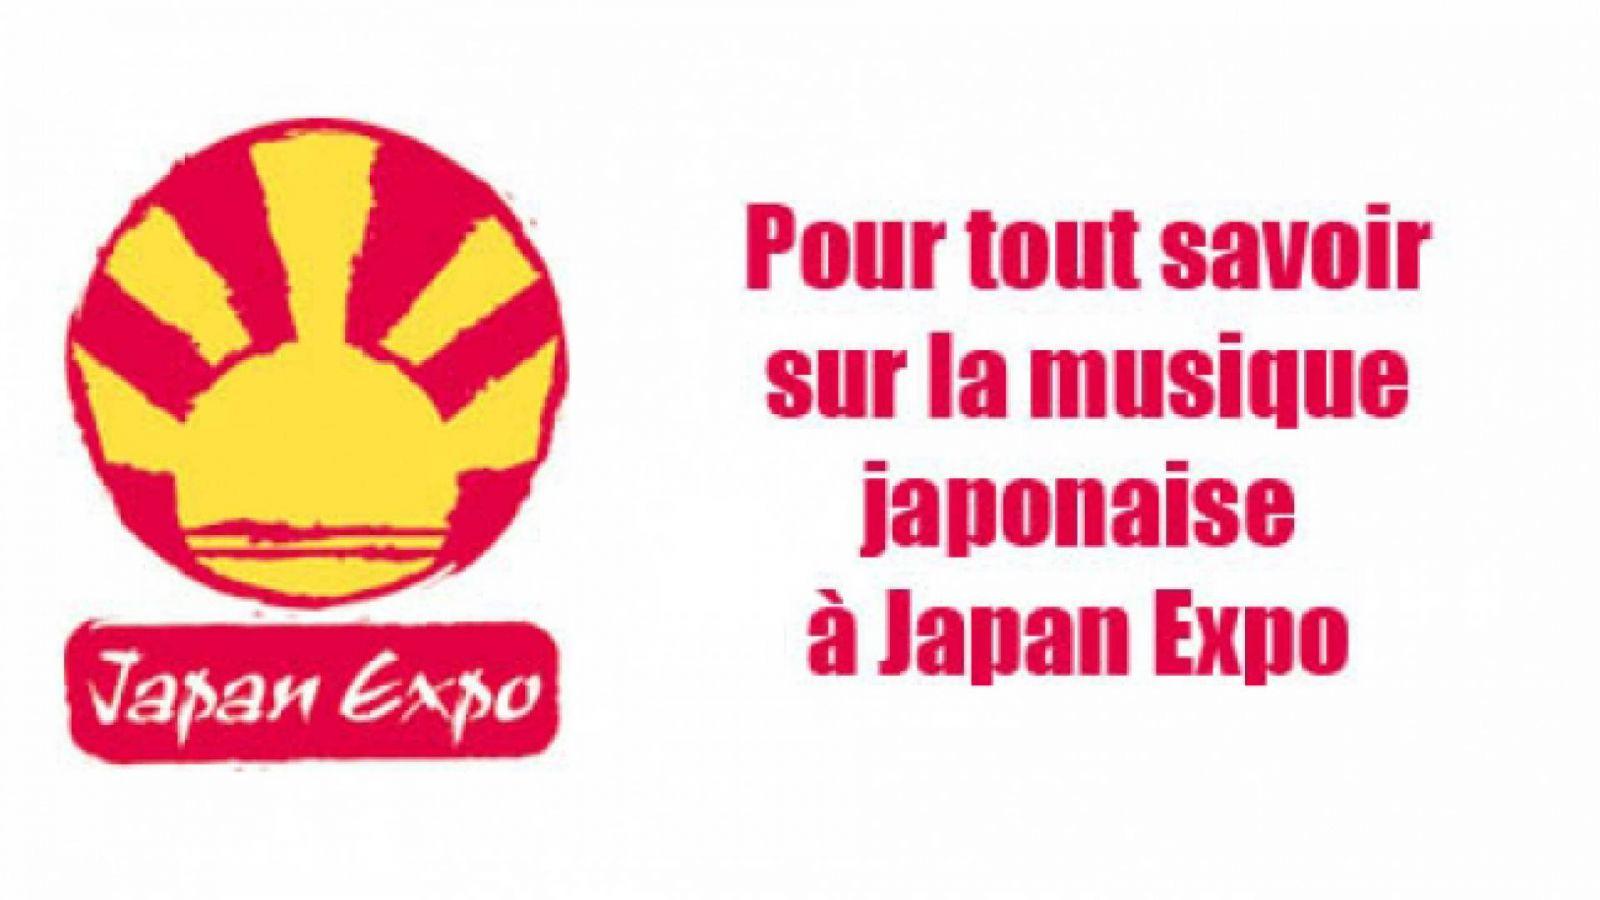 Japan Expo anuncia Natsuko Aso e C-ZONE como convidados © JAPAN EXPO